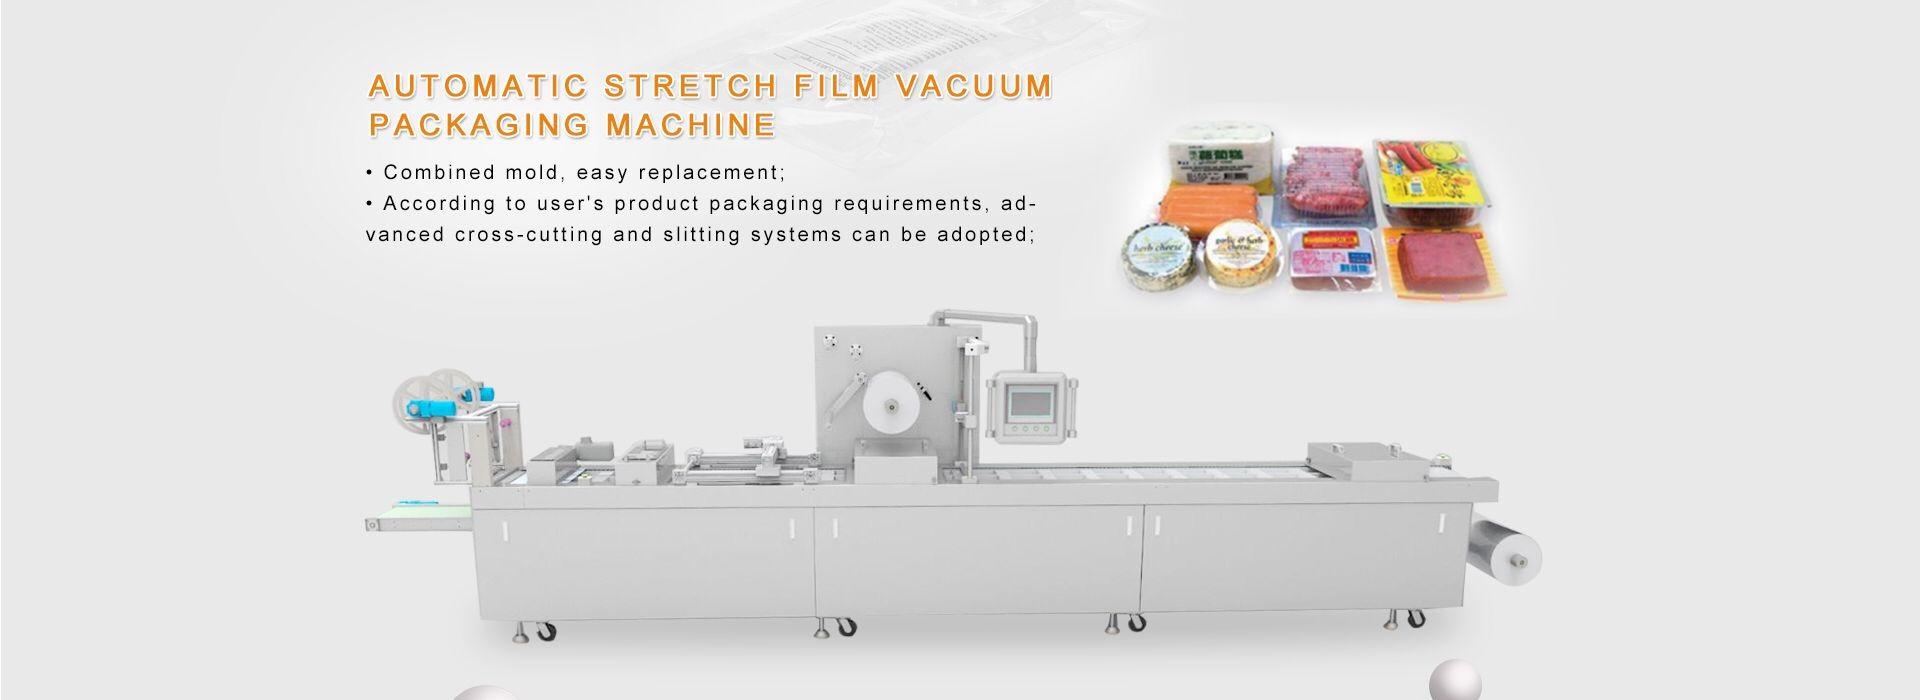 Stretch film vacuum packaging machine